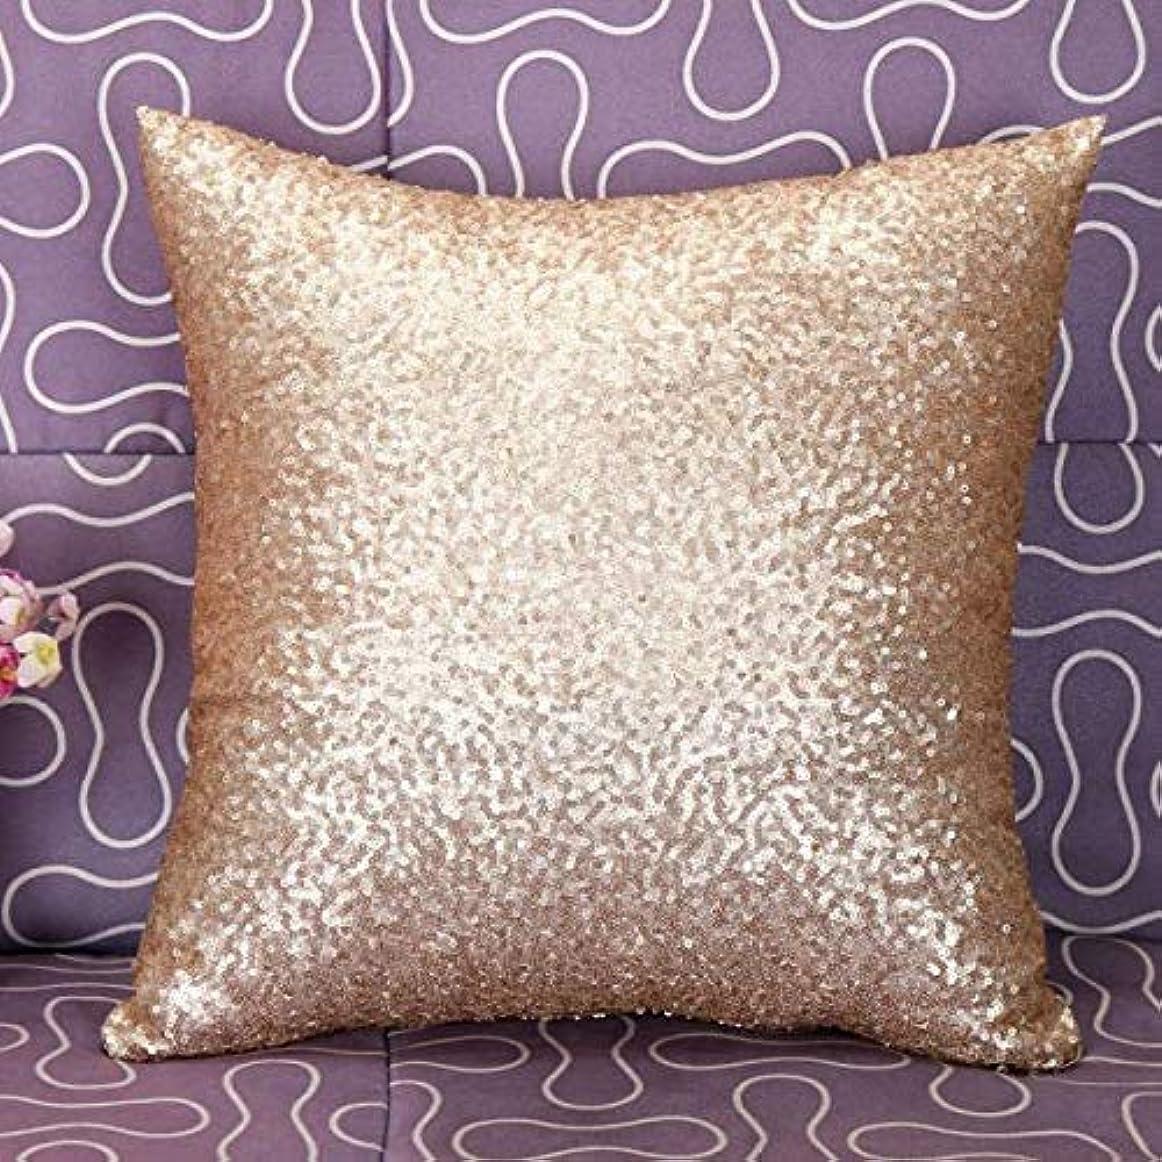 を通してイライラする肌LIFE 枕カバー無地グリッターシルバースパンコールブリンブリンスローカフェ家の装飾クッション装飾 D1 クッション 椅子